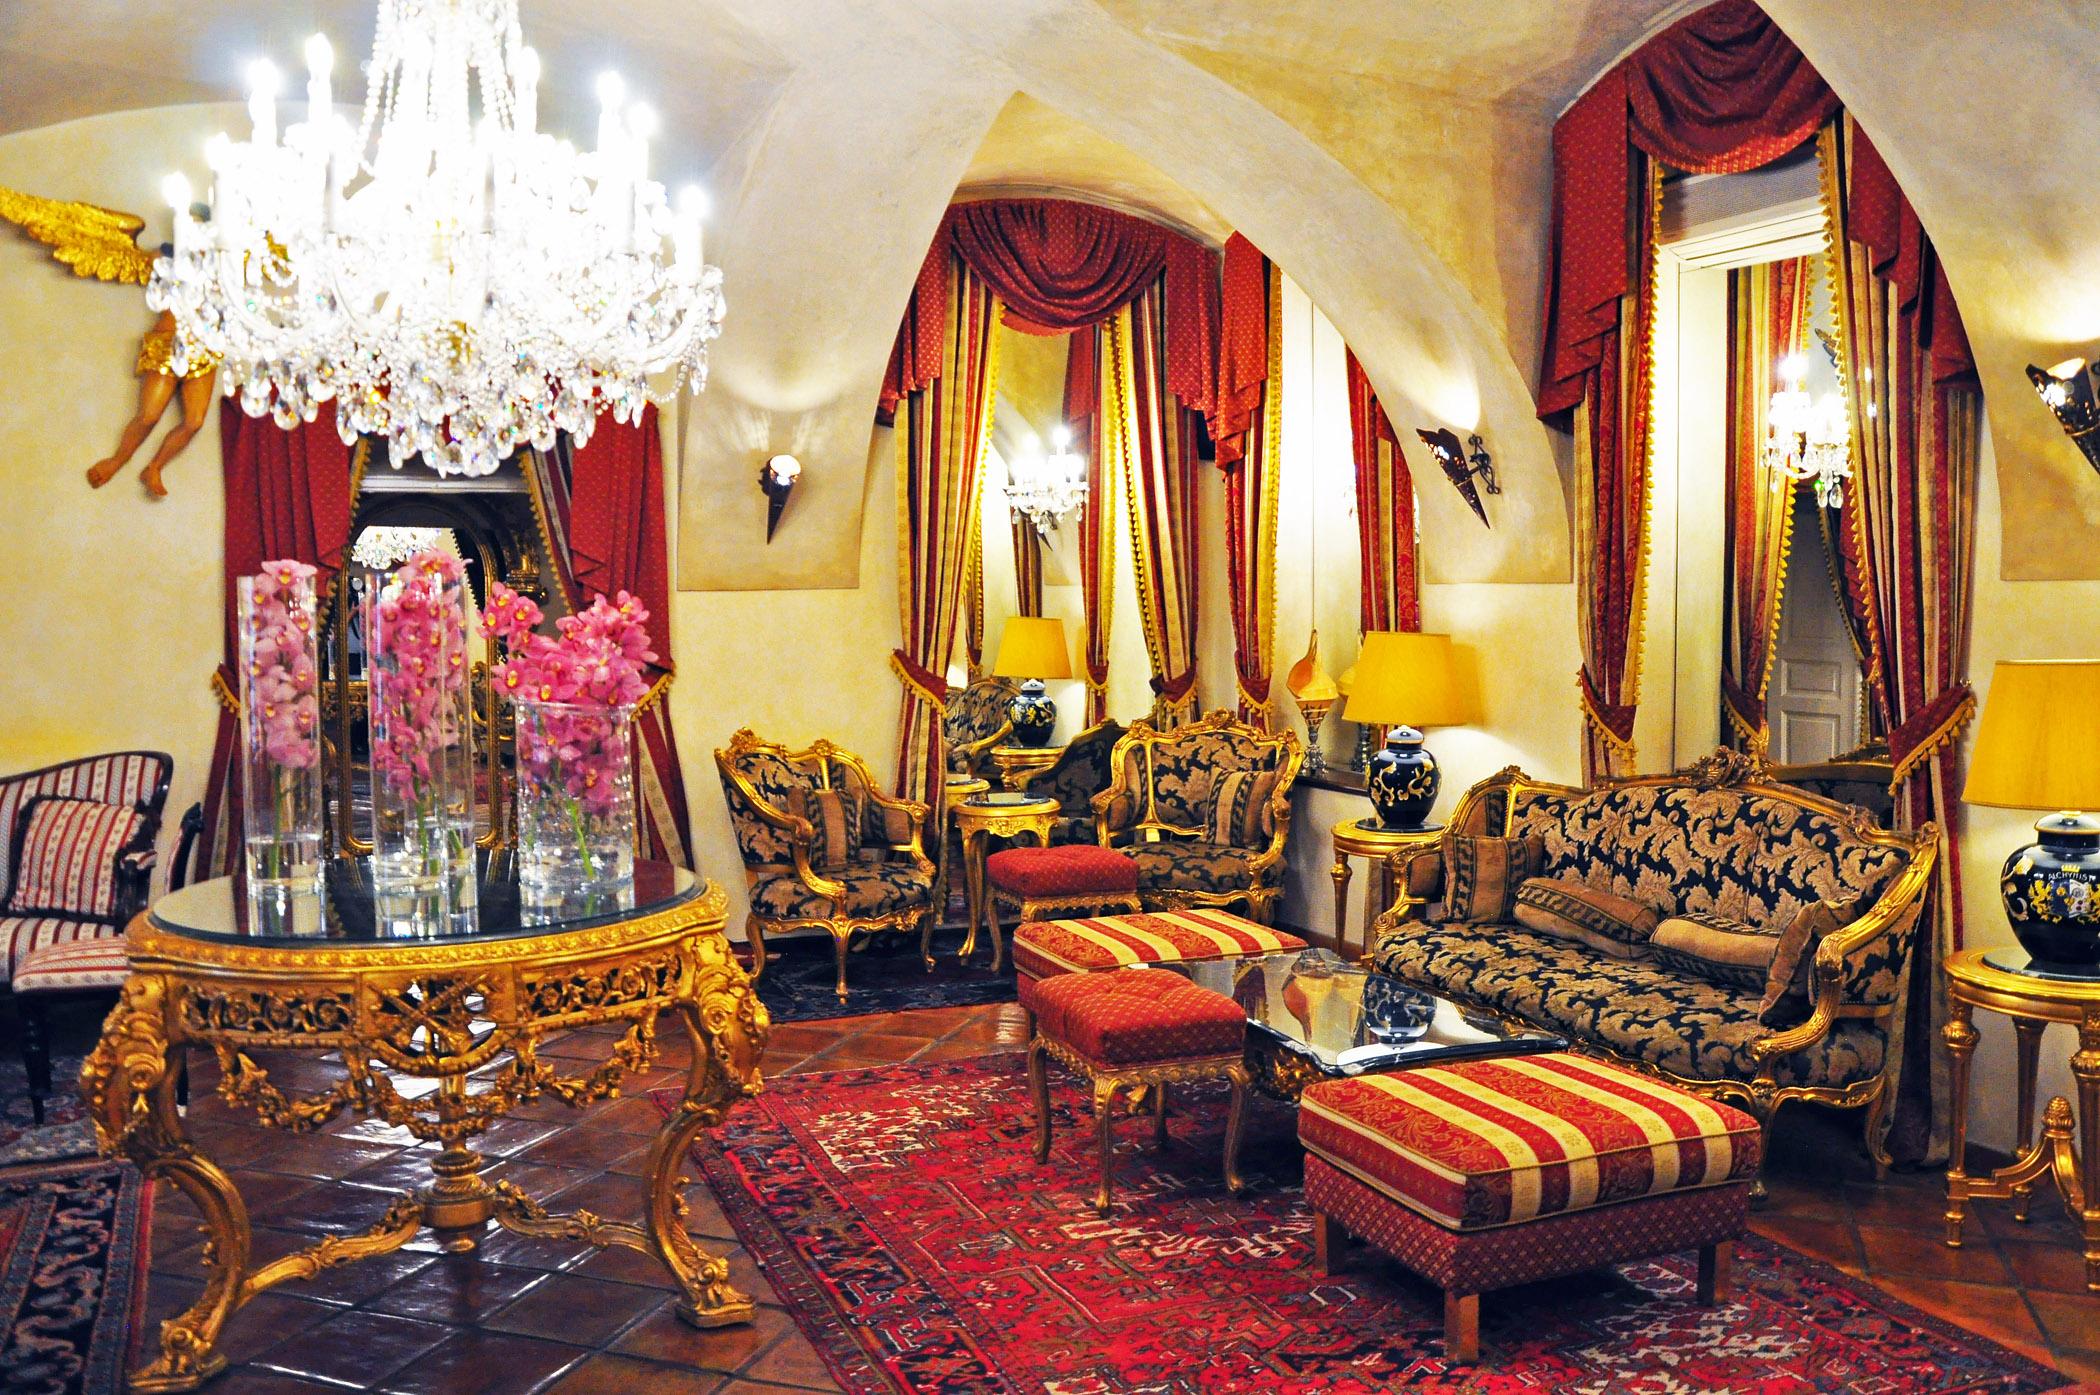 6. Alcymist Hotel lobby